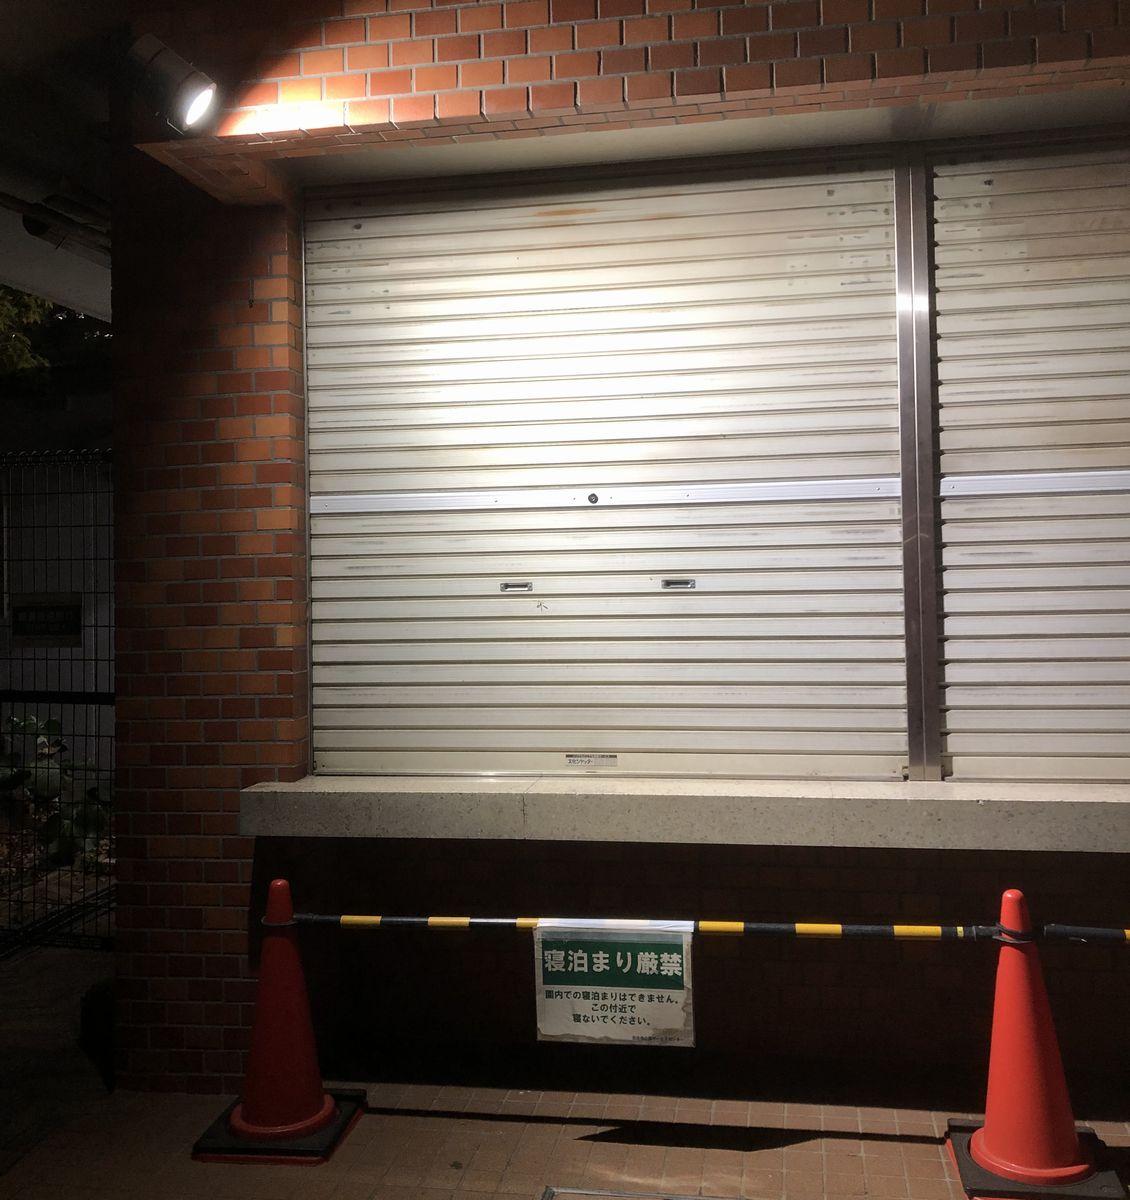 写真・図版 : 東京・日比谷公園に取り付けられた照明。「寝泊まり厳禁」の警告板も設置されている=2021年4月19日